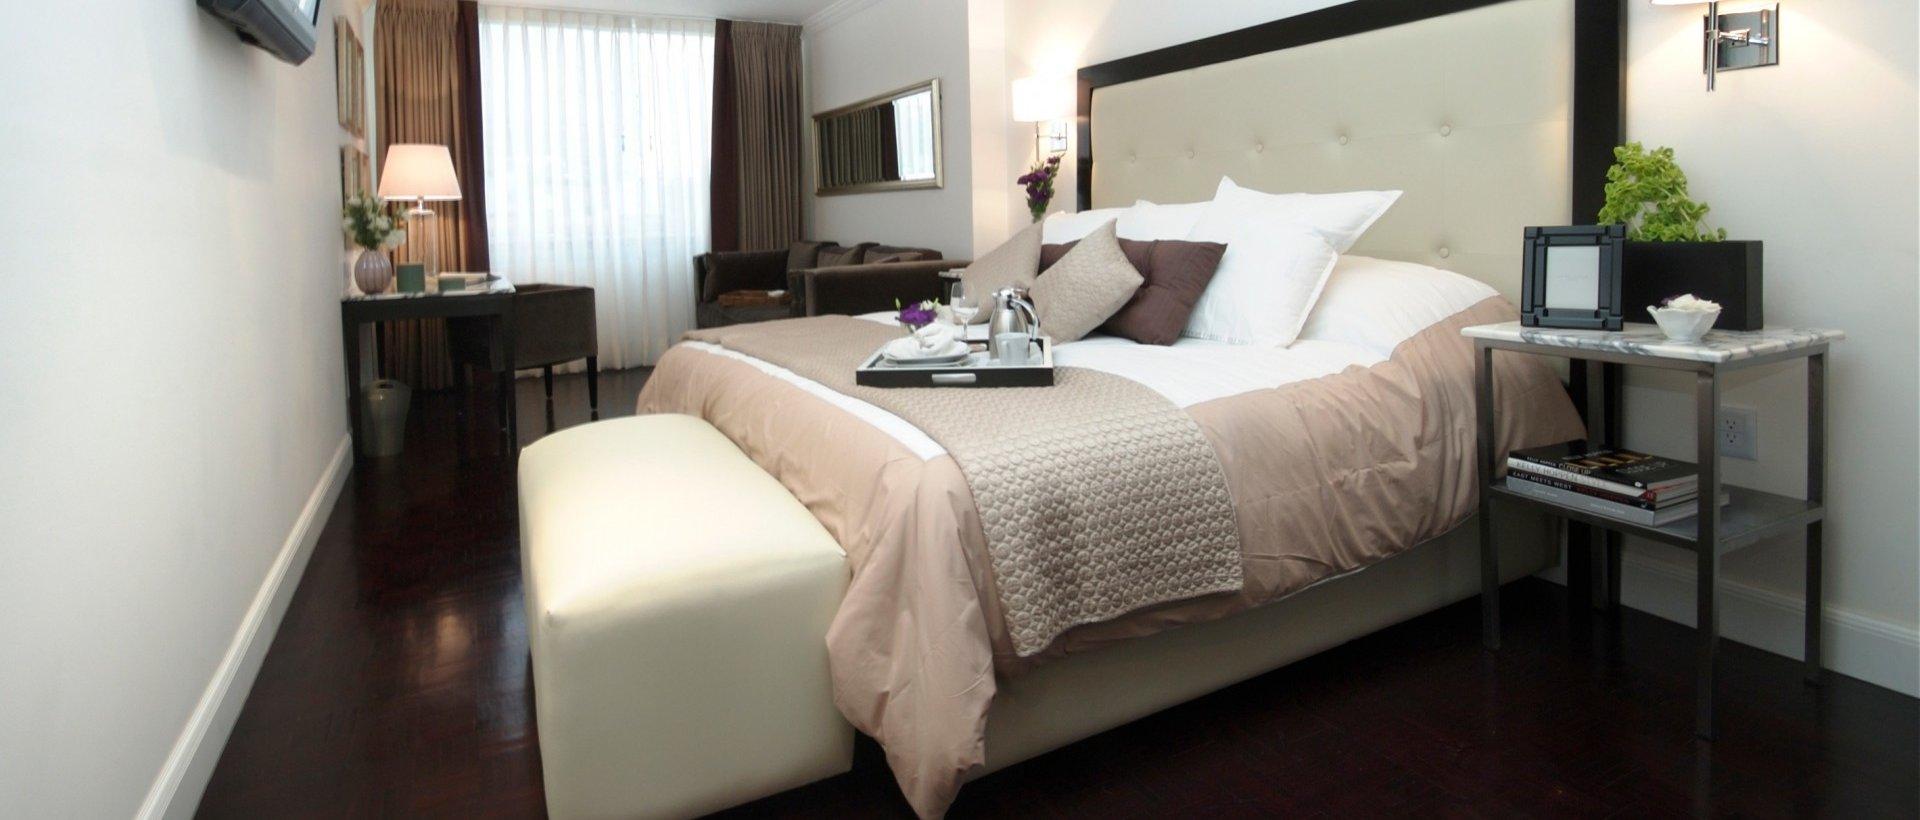 Departamentos y suites londres 212 mexico df - Apartamentos lujo londres ...